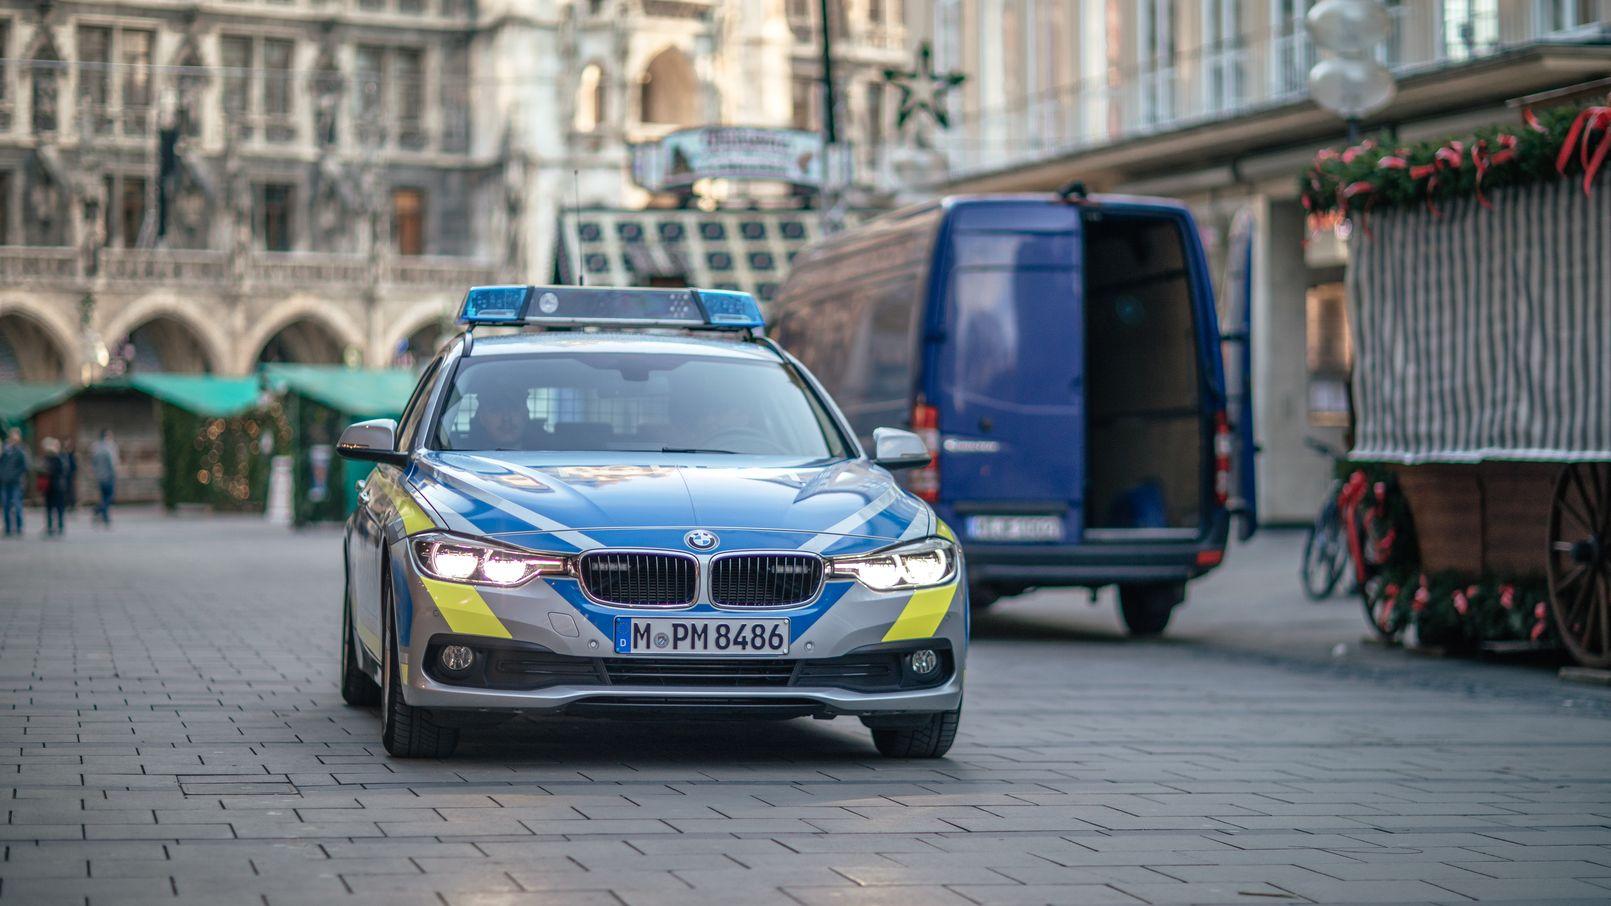 Mehr Präsenz der Polizei in den Innenstädten, wie hier am Marienplatz in München, das wünscht sich die Staatsregierung.